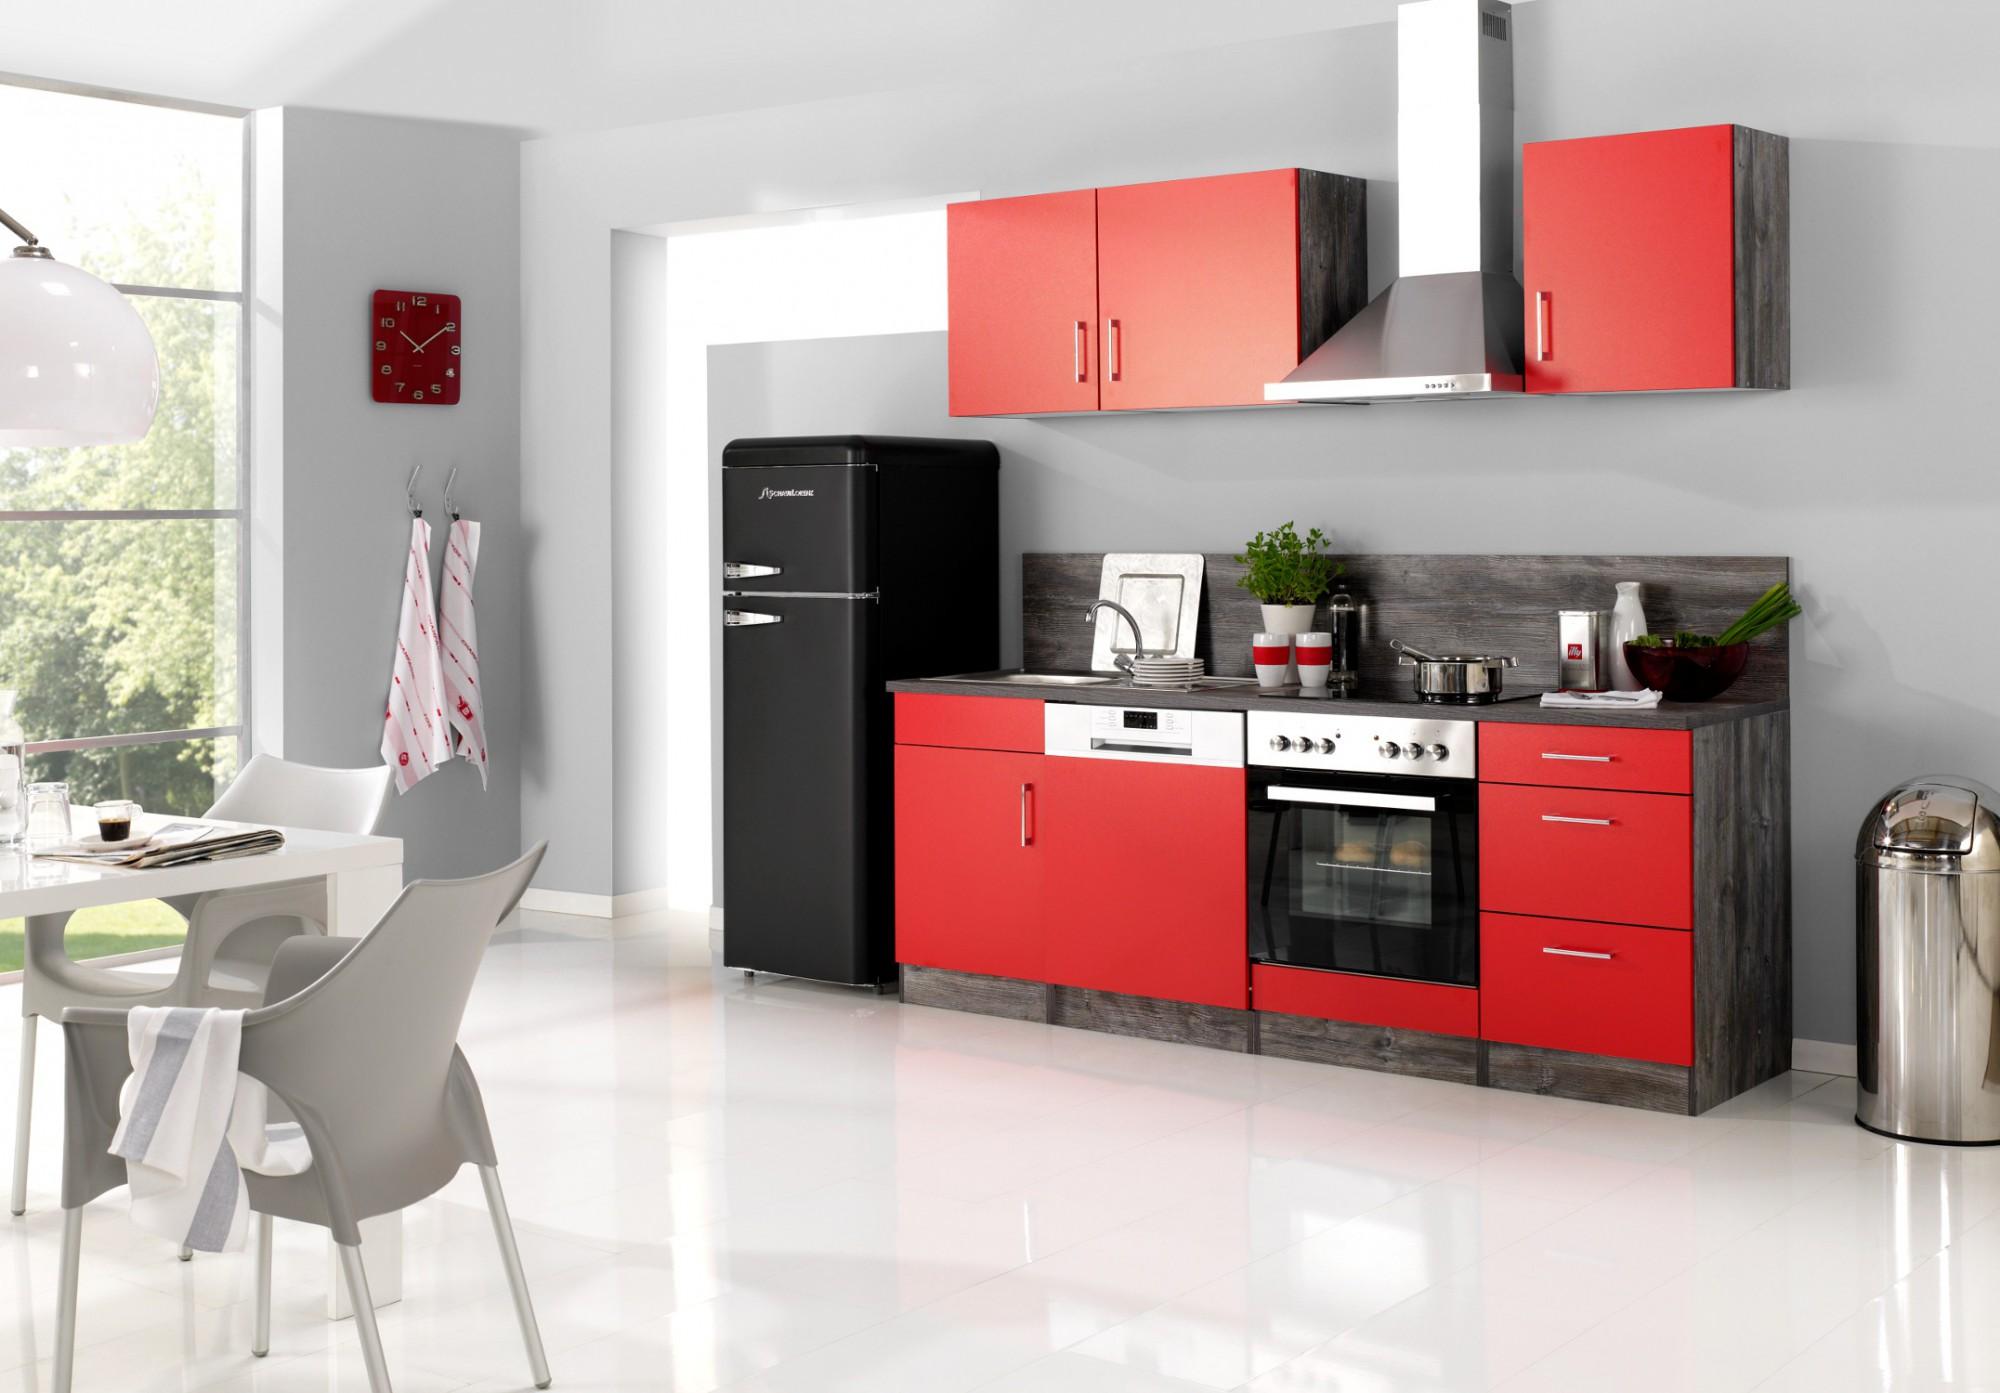 Kuchen hangeschrank sevilla 1 turig 50 cm breit rot for Suche gebrauchte küche